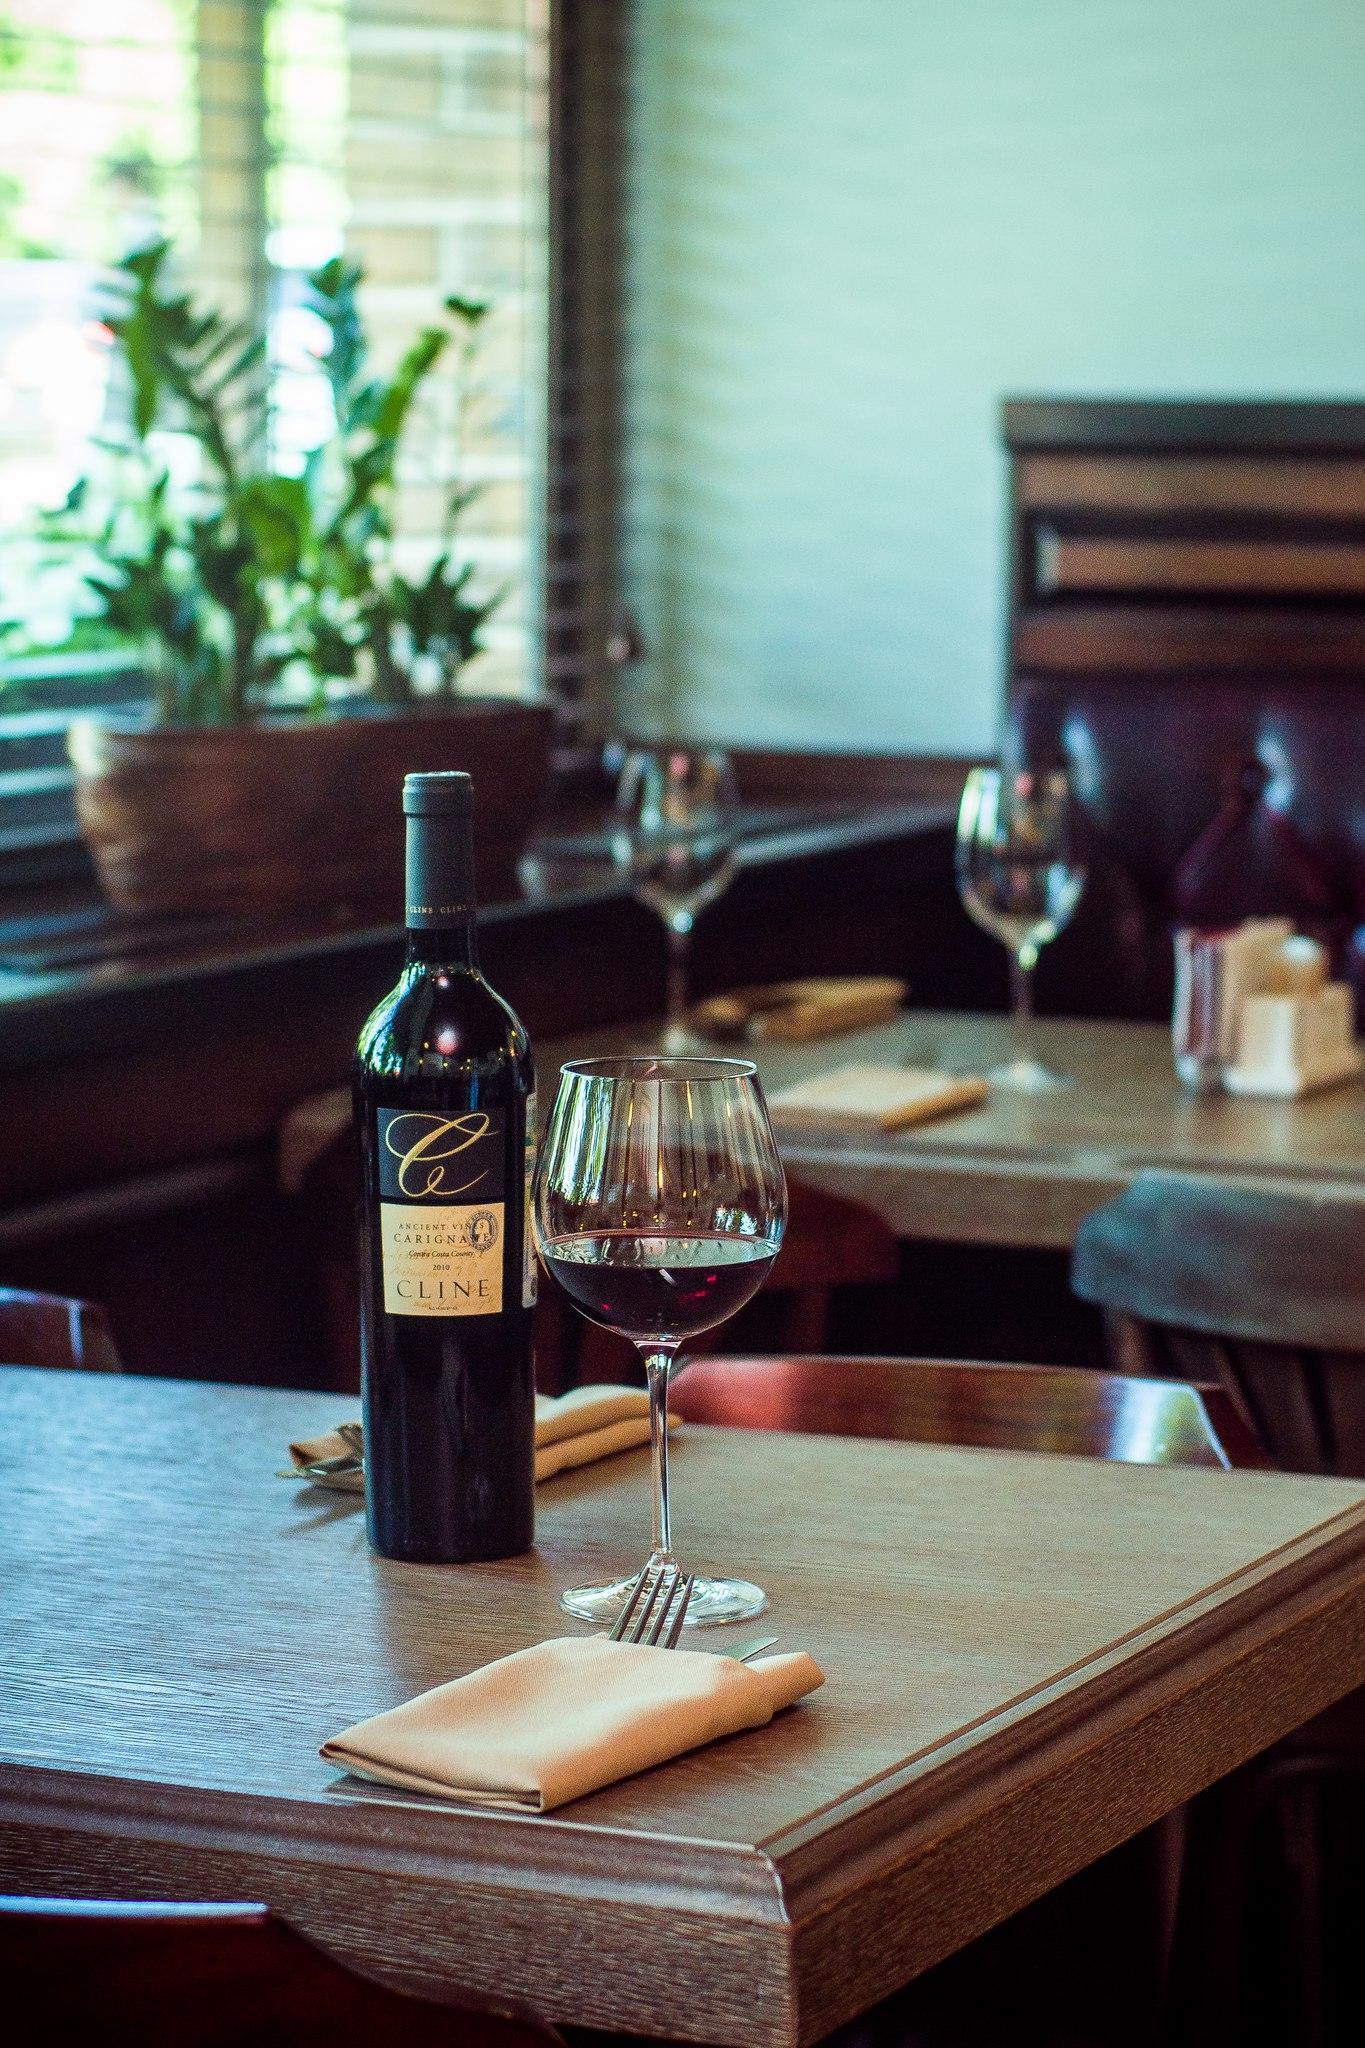 Средиземноморский Ресторан Terra & Mare Rome Barcelona (Терра Маре Рома Барселона) фото 48